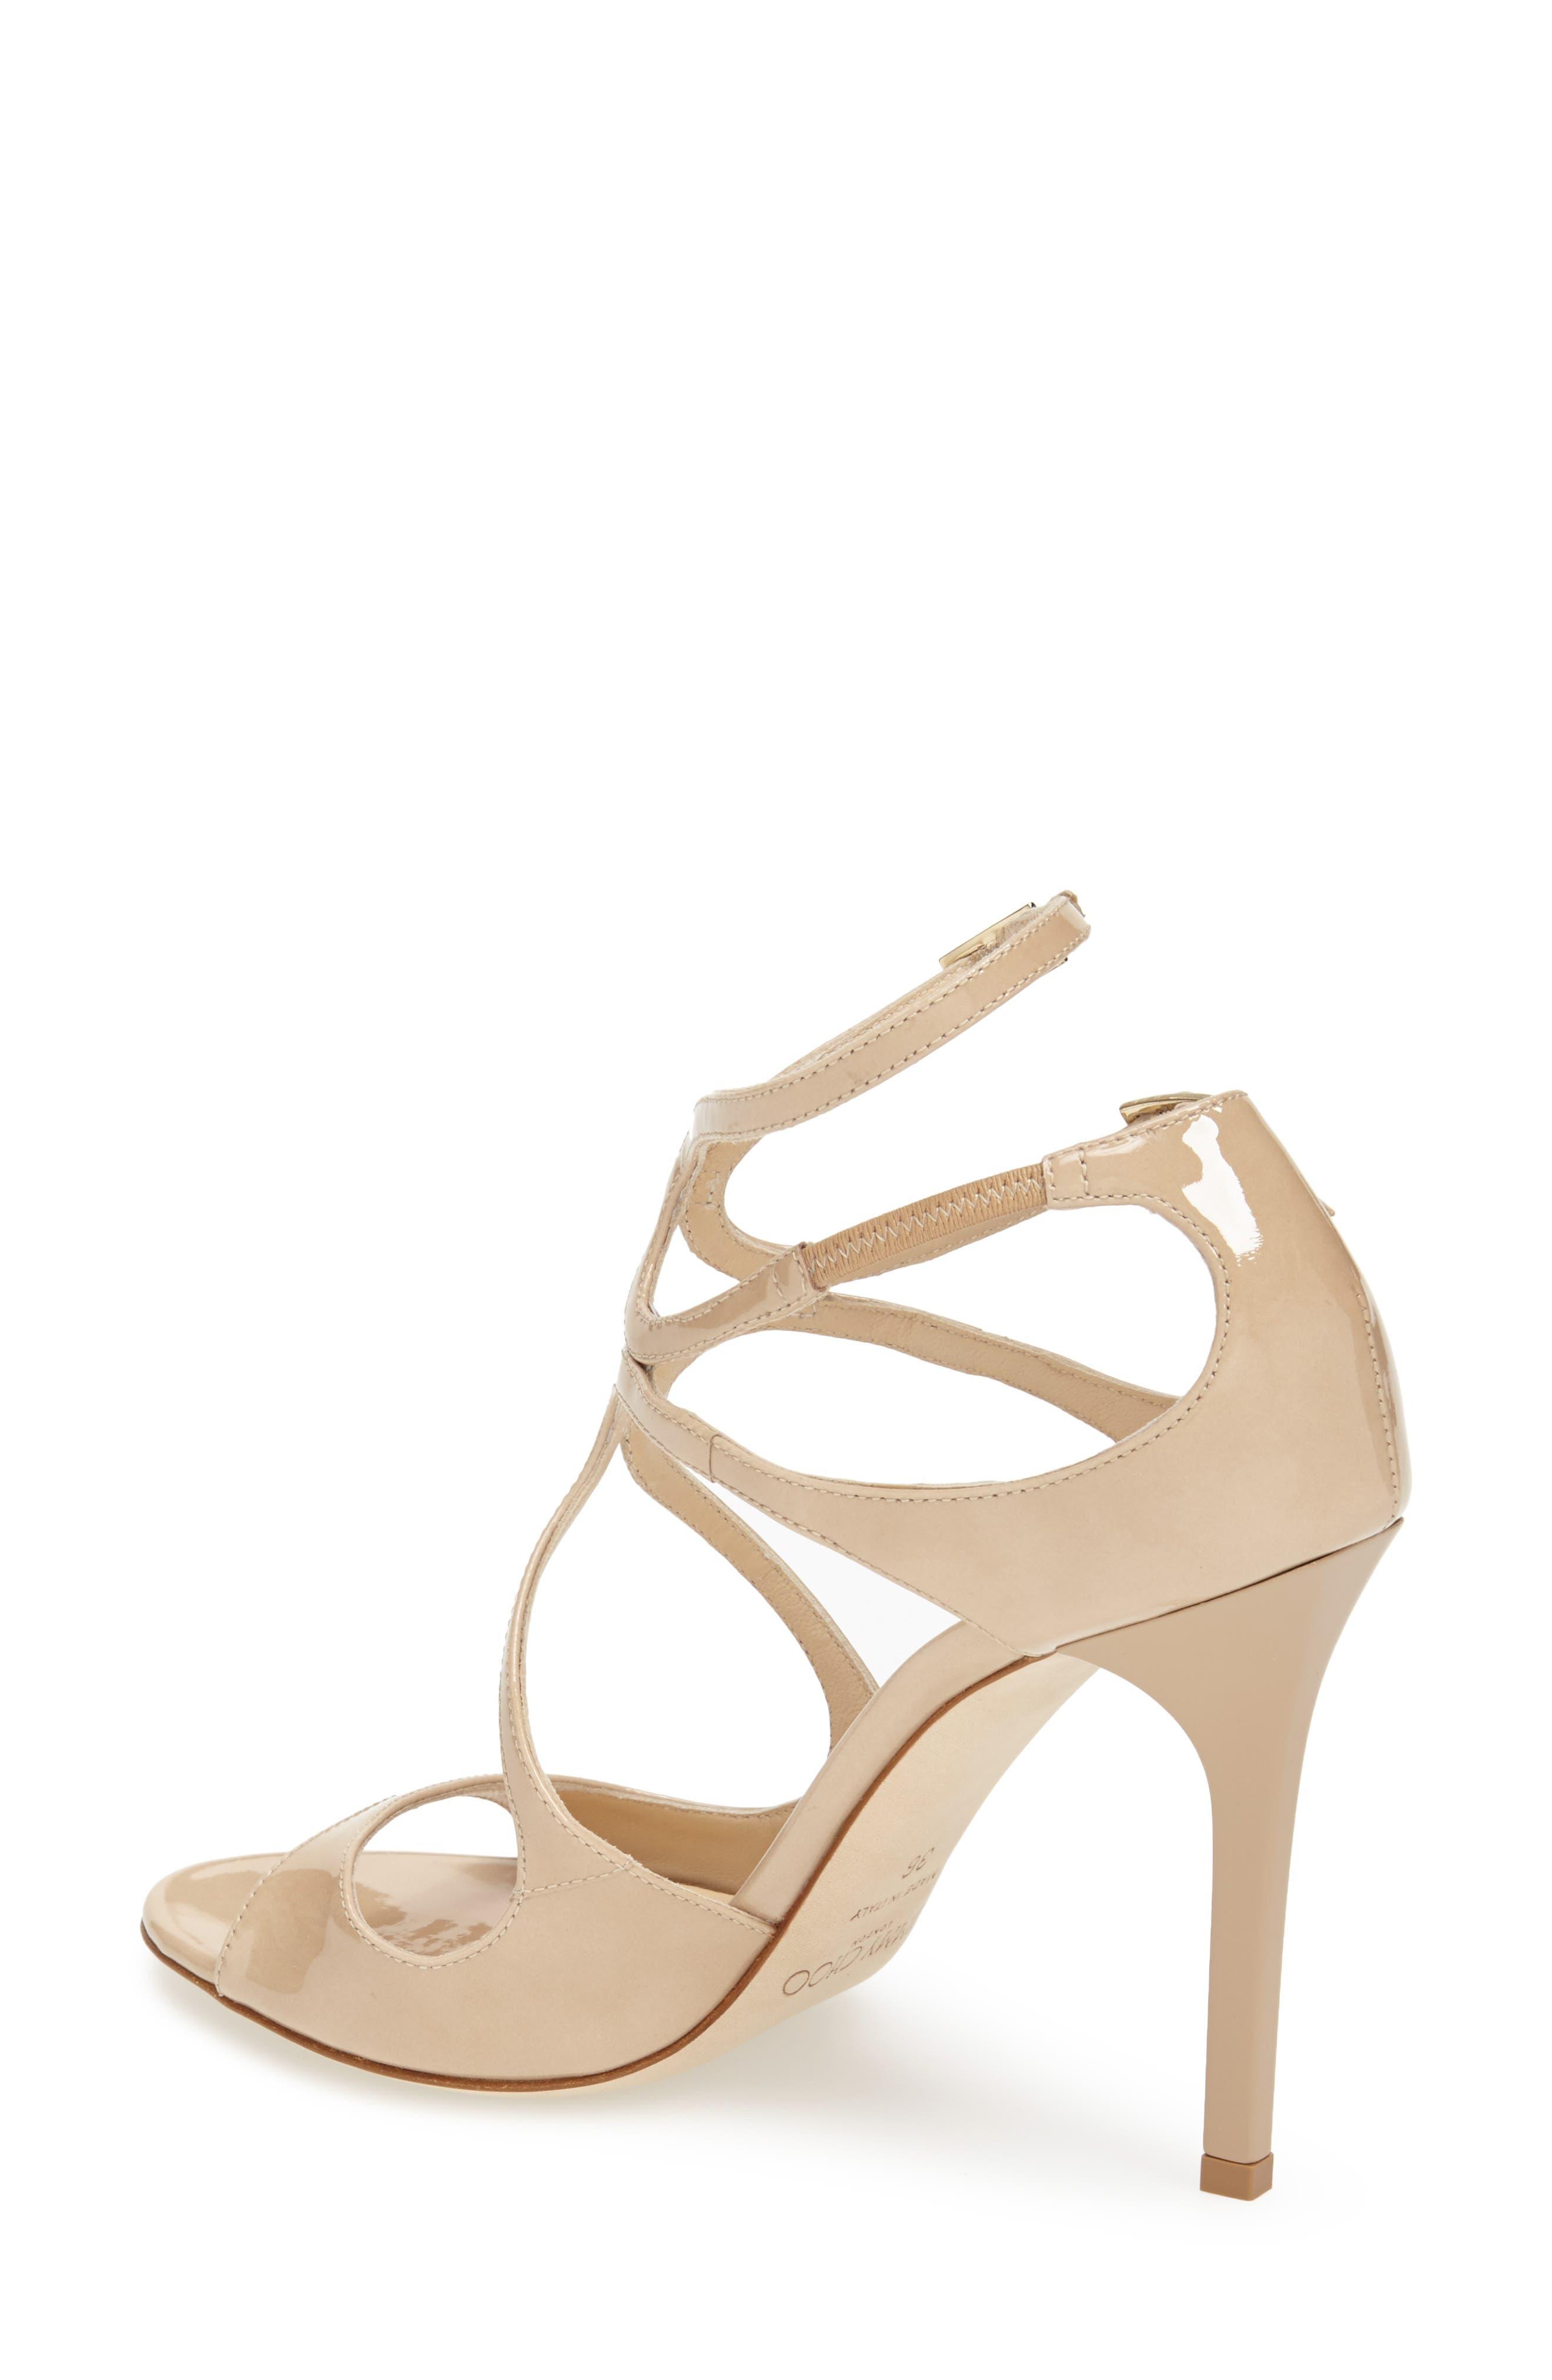 cbdea58bb1d Jimmy Choo Sandals - Women s